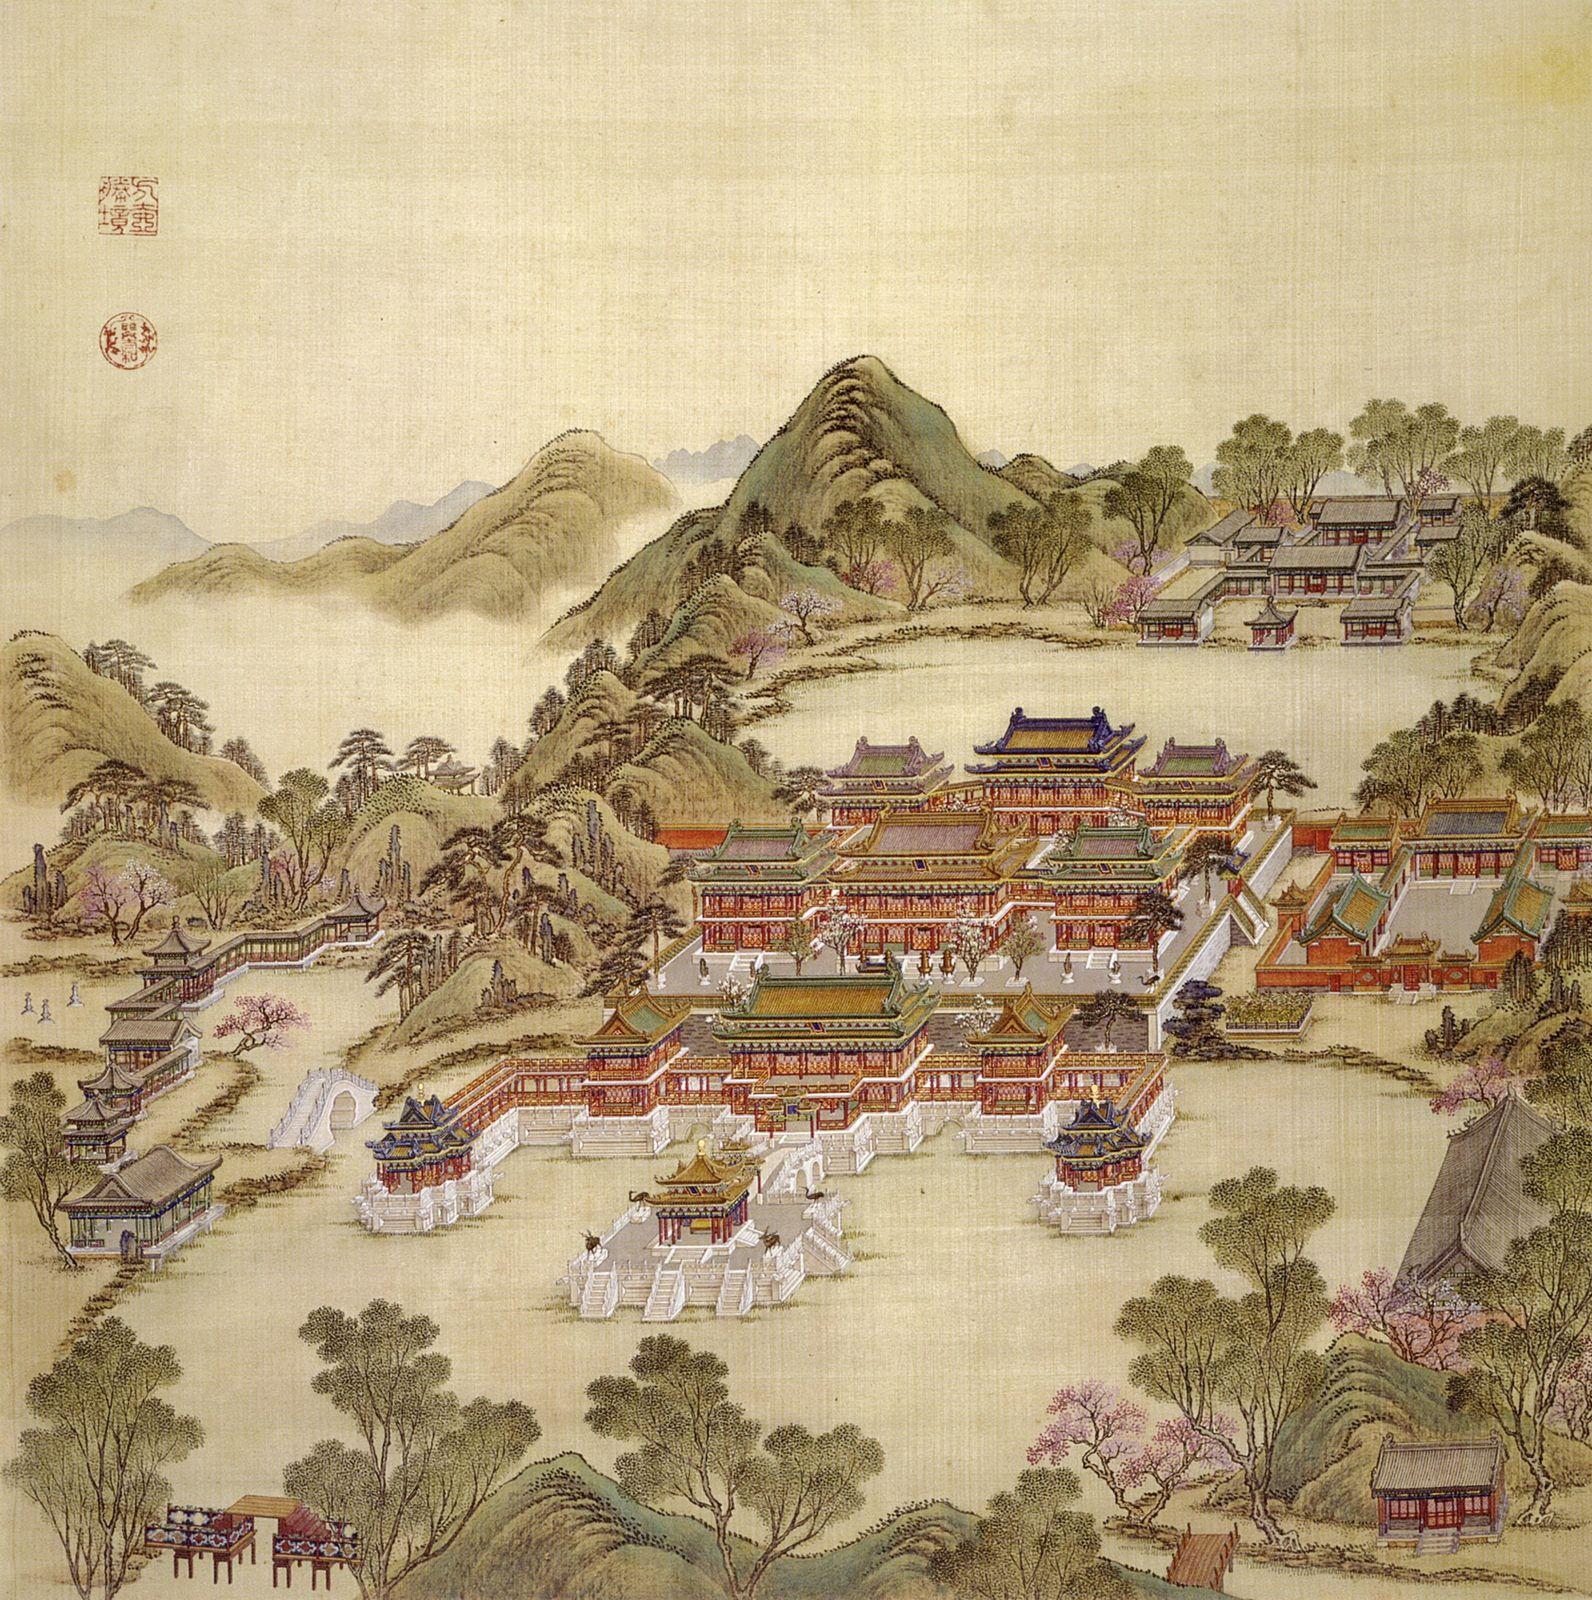 Victor Hugo: Lettre au capitaine Butler sur le sac du Palais d'Été, en Chine (1860)